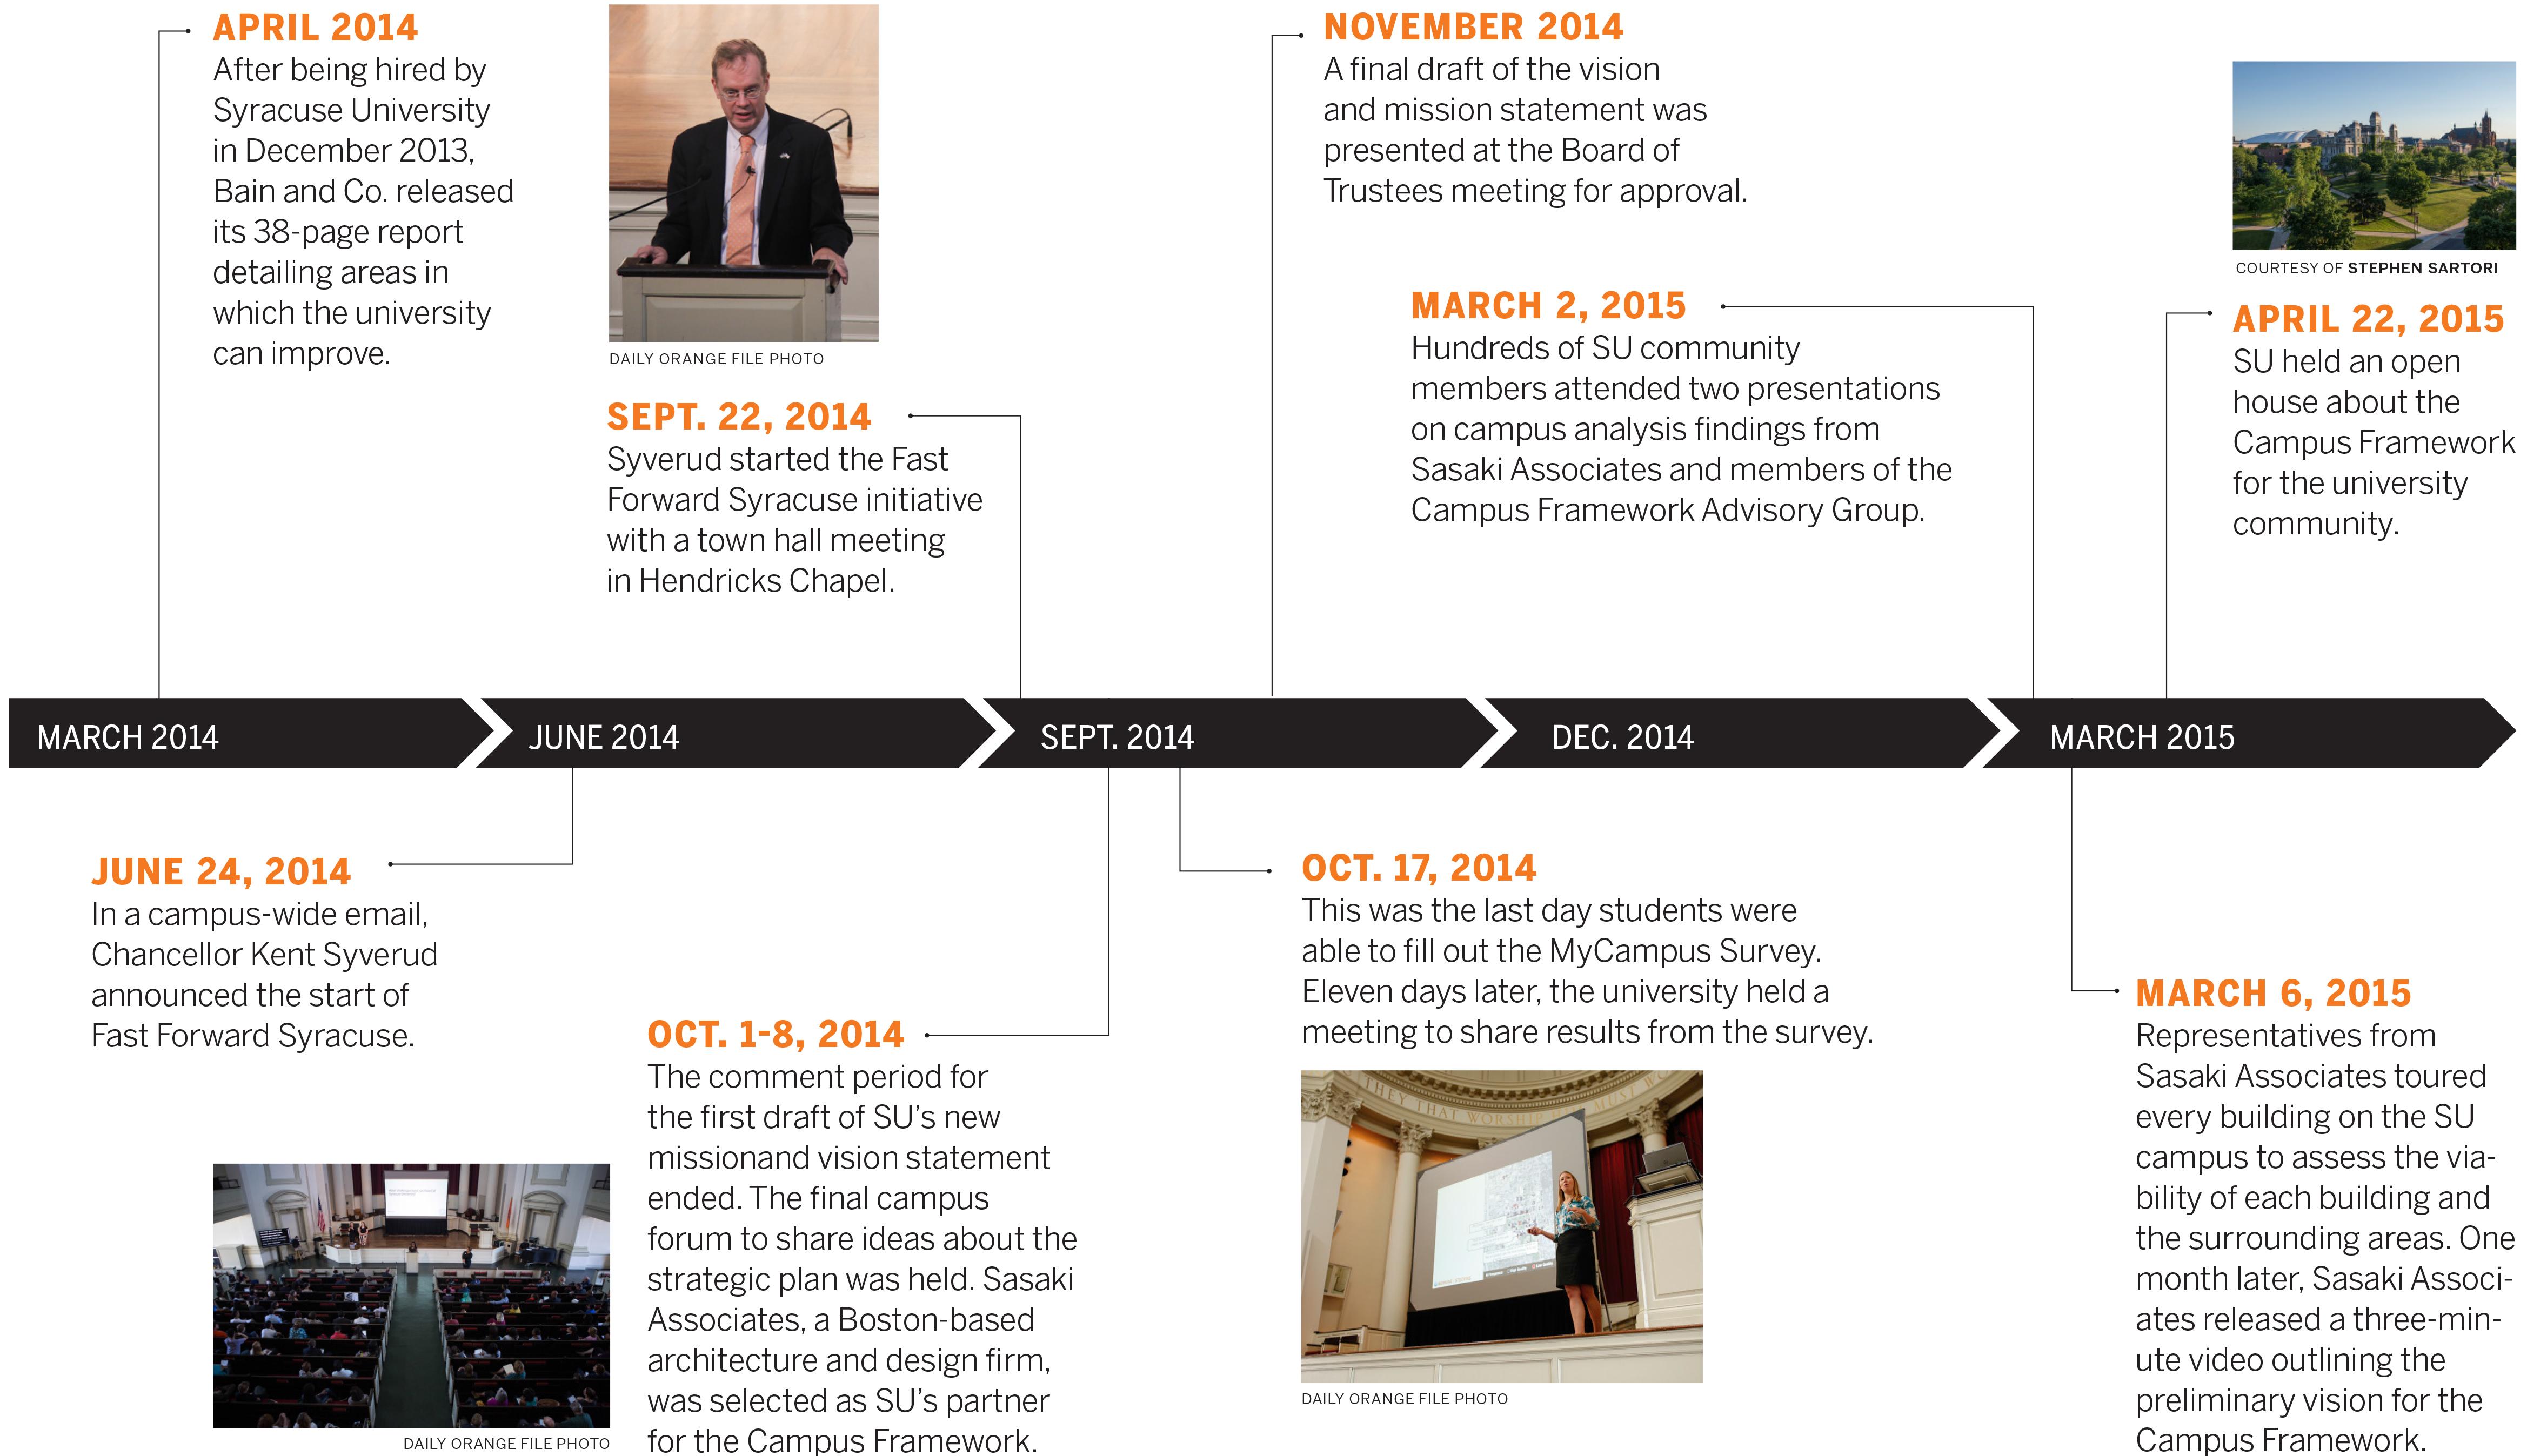 timeline1